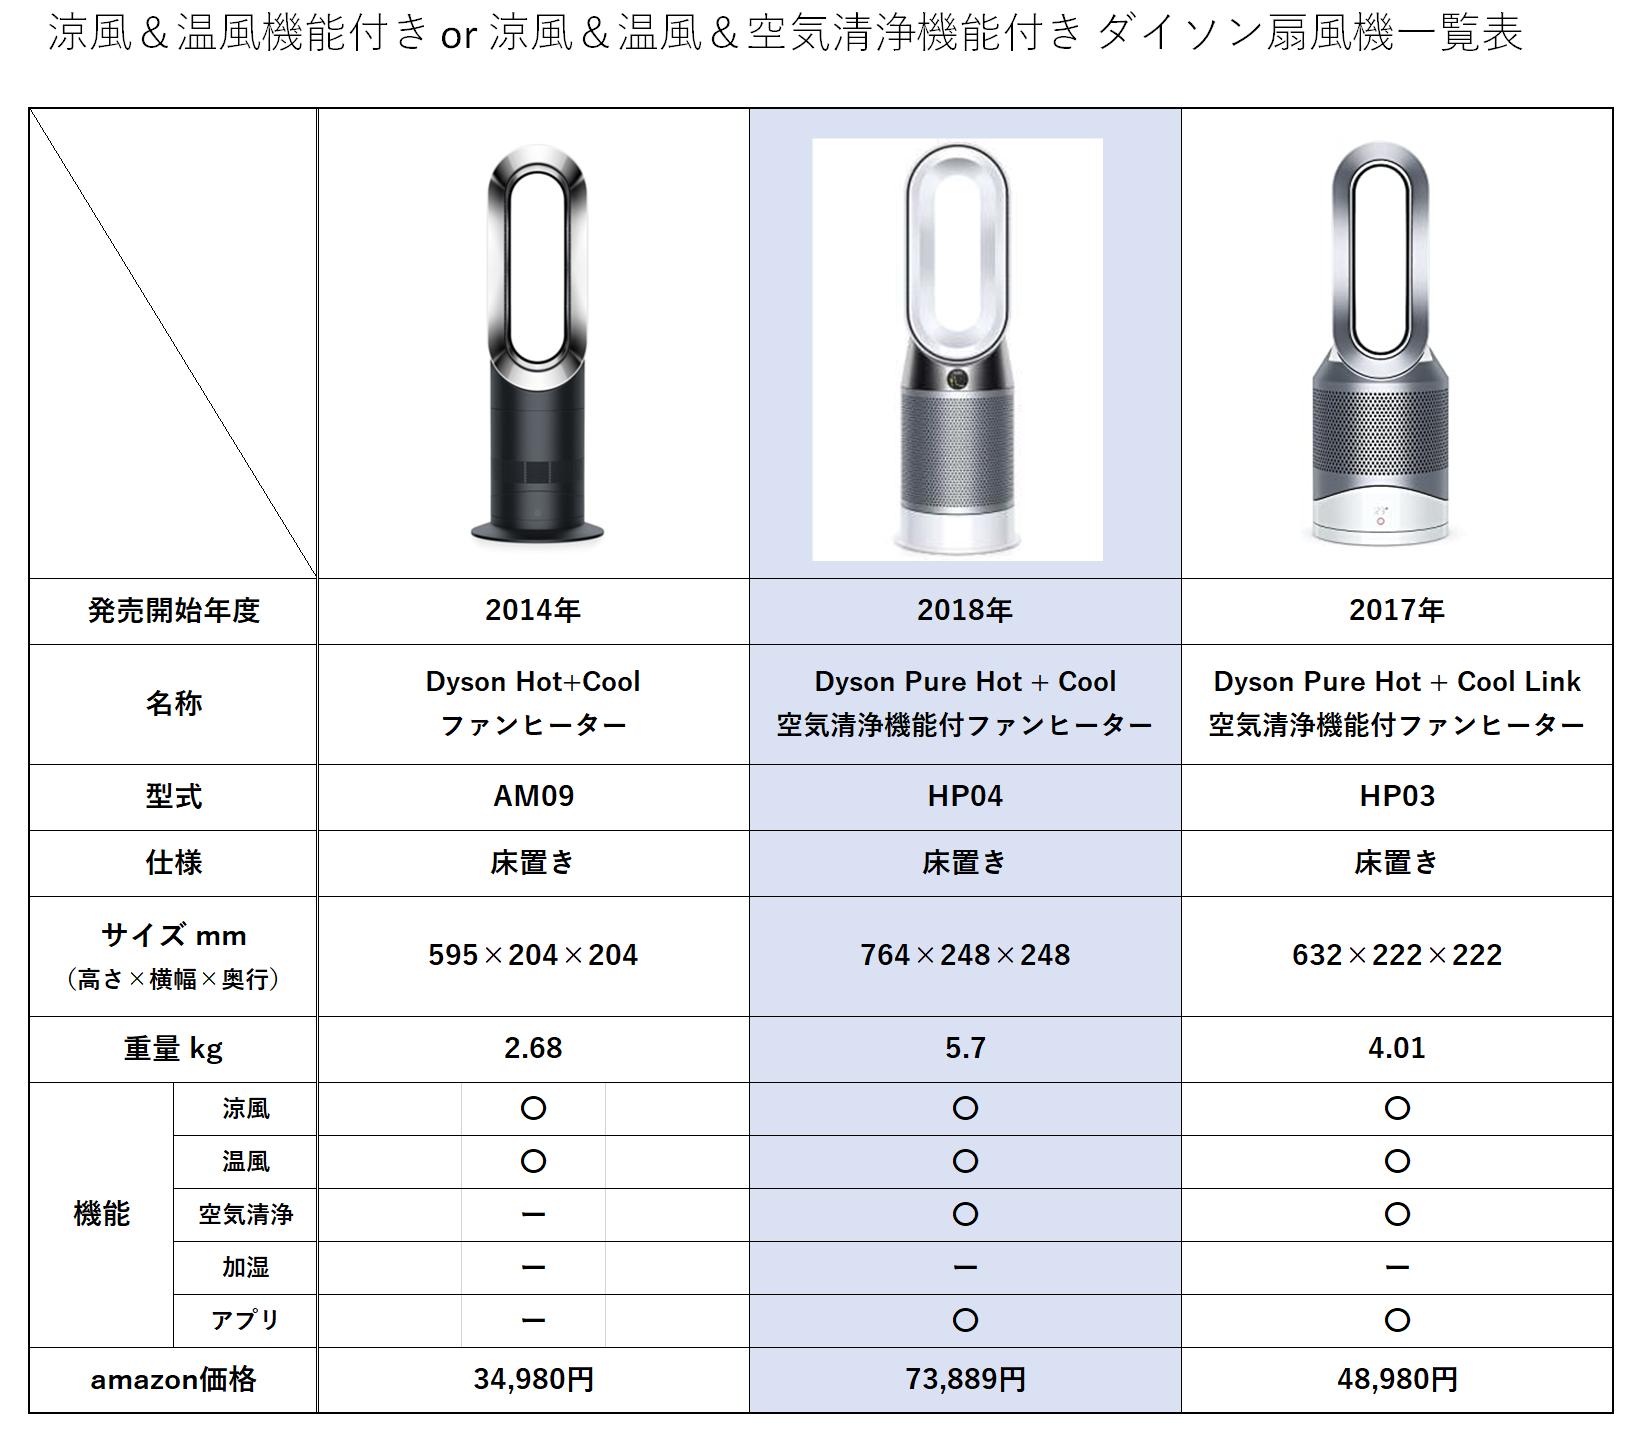 温風モード付きのダイソン扇風機一覧表